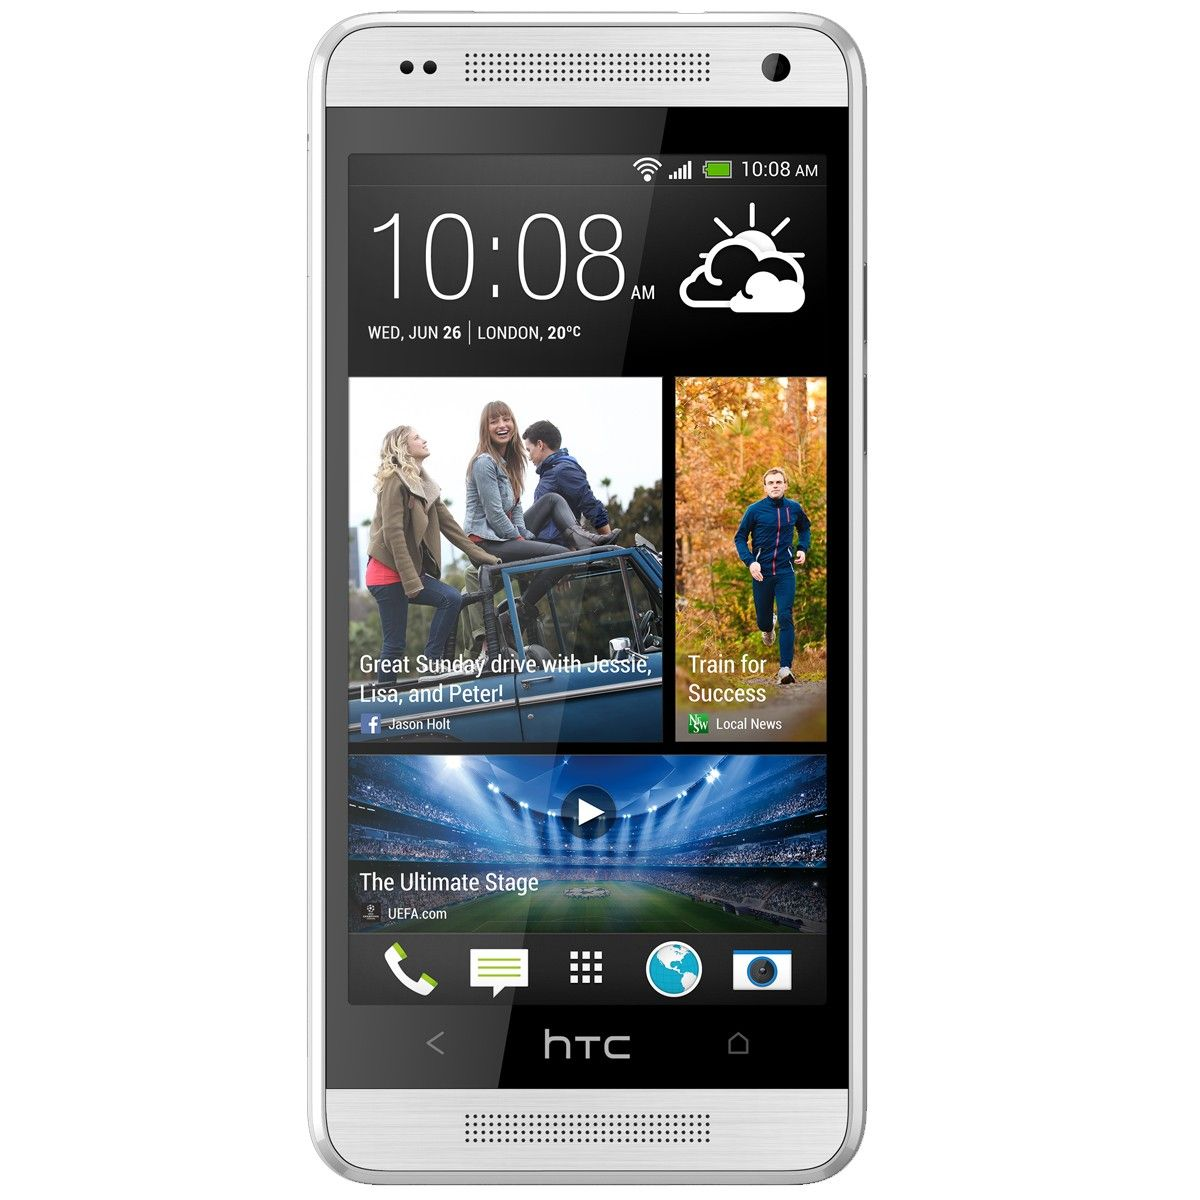 HTC One mini 4G